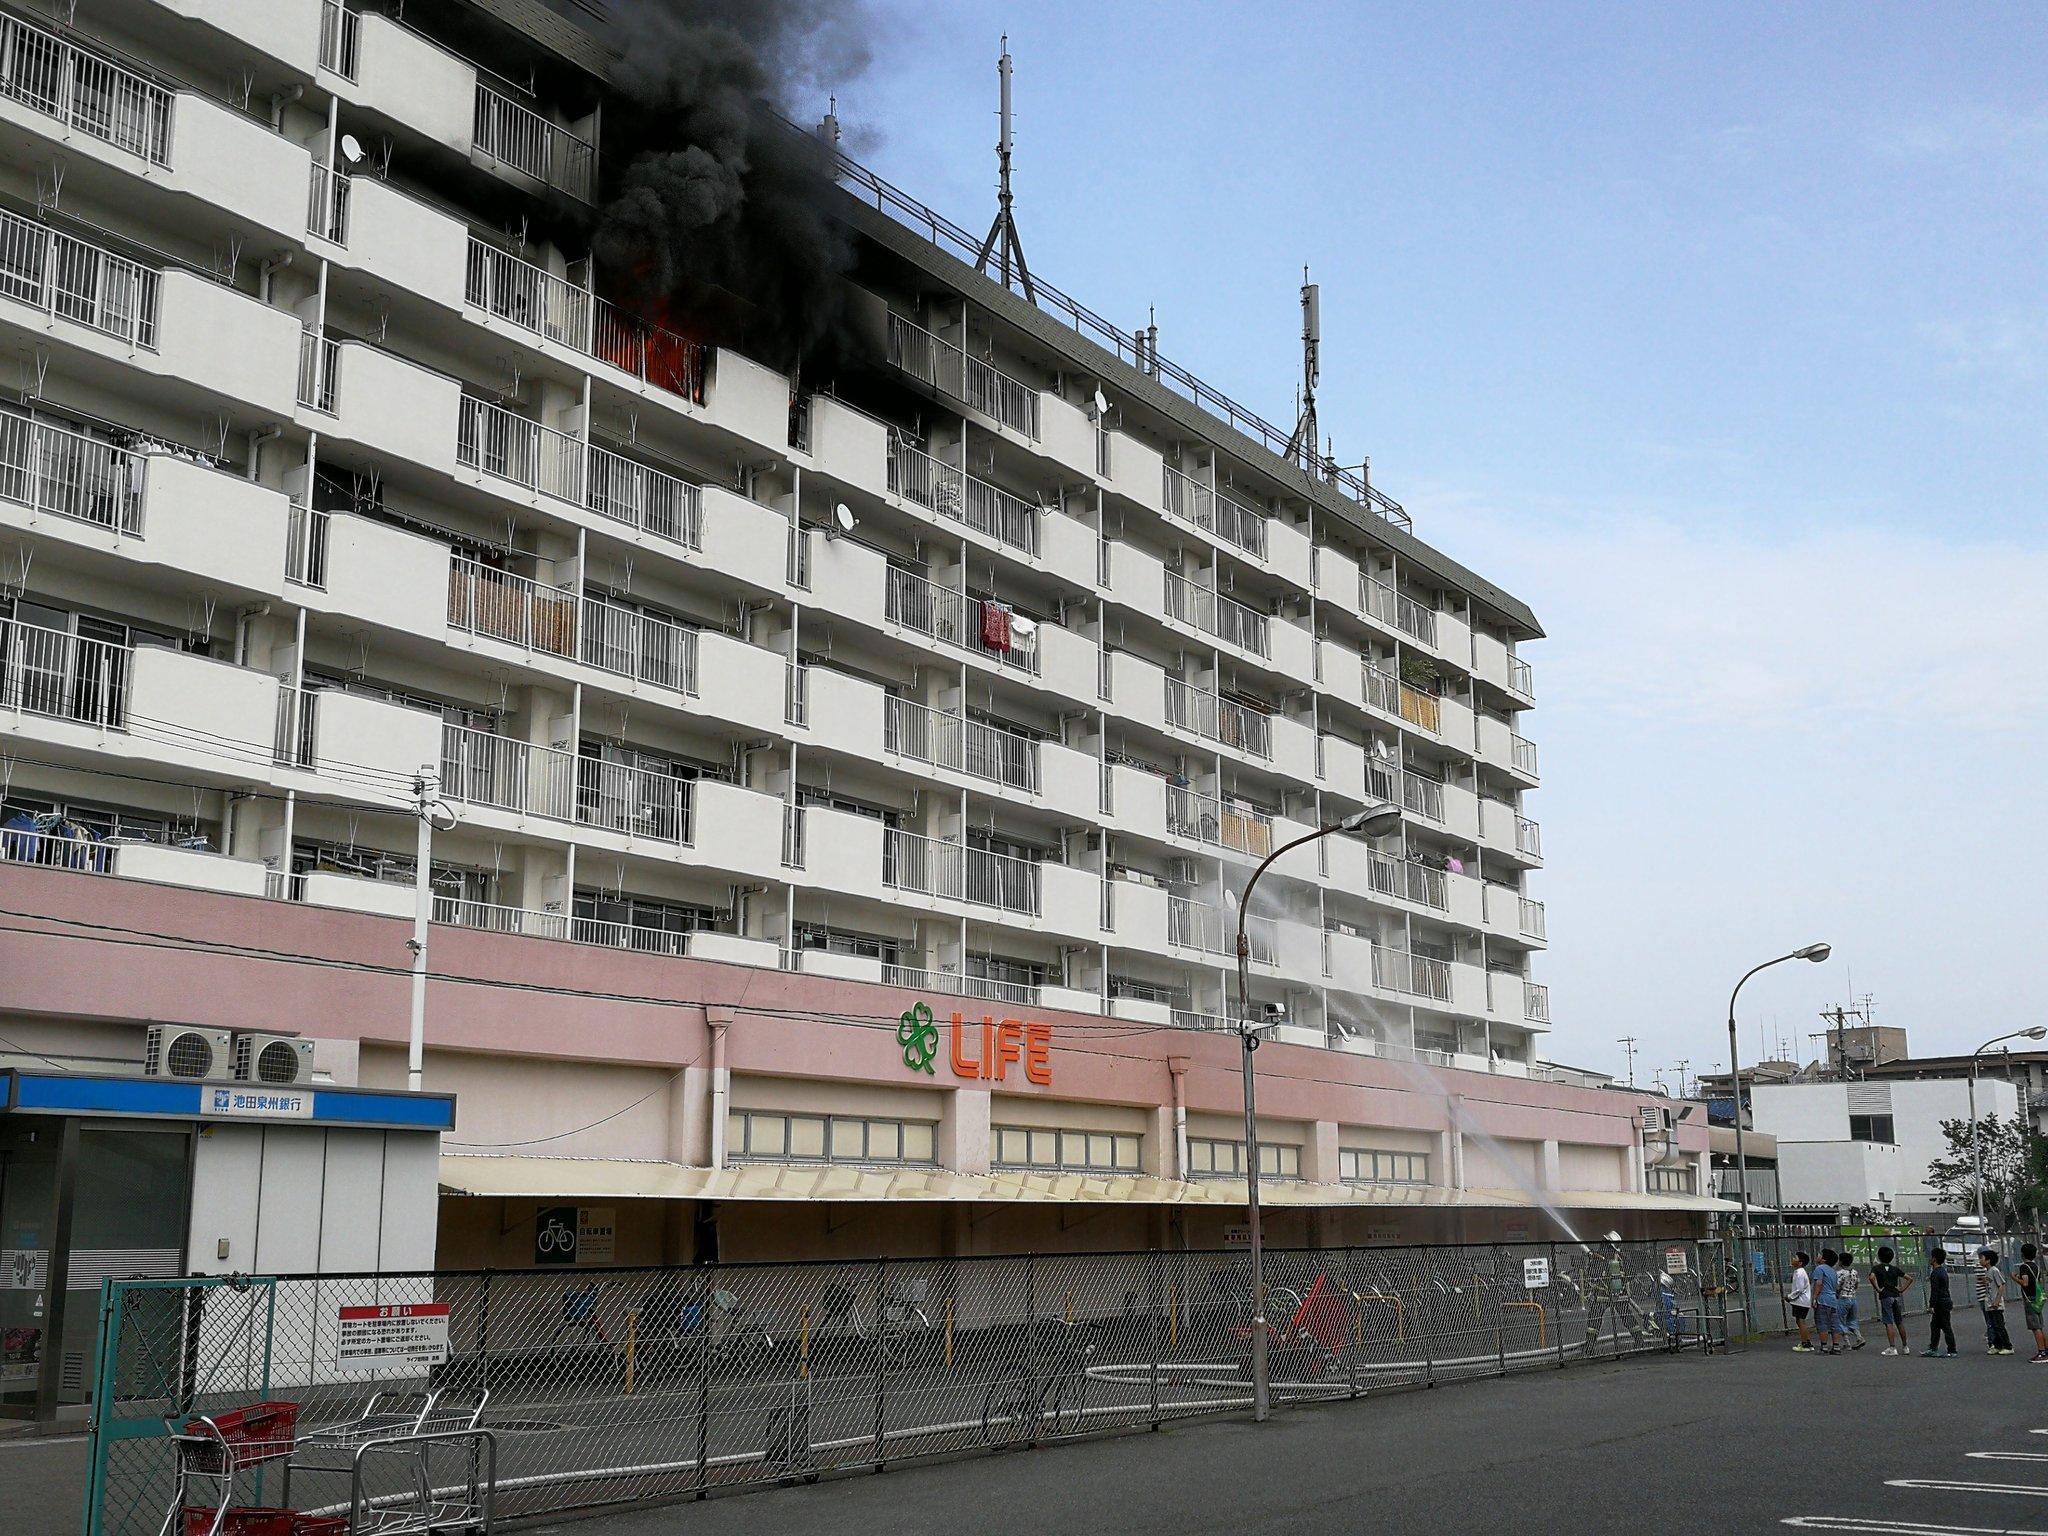 画像,電車に乗ろうと思ったら忠岡の駅前で火事起きてるやん https://t.co/IpKZa7vqZD。